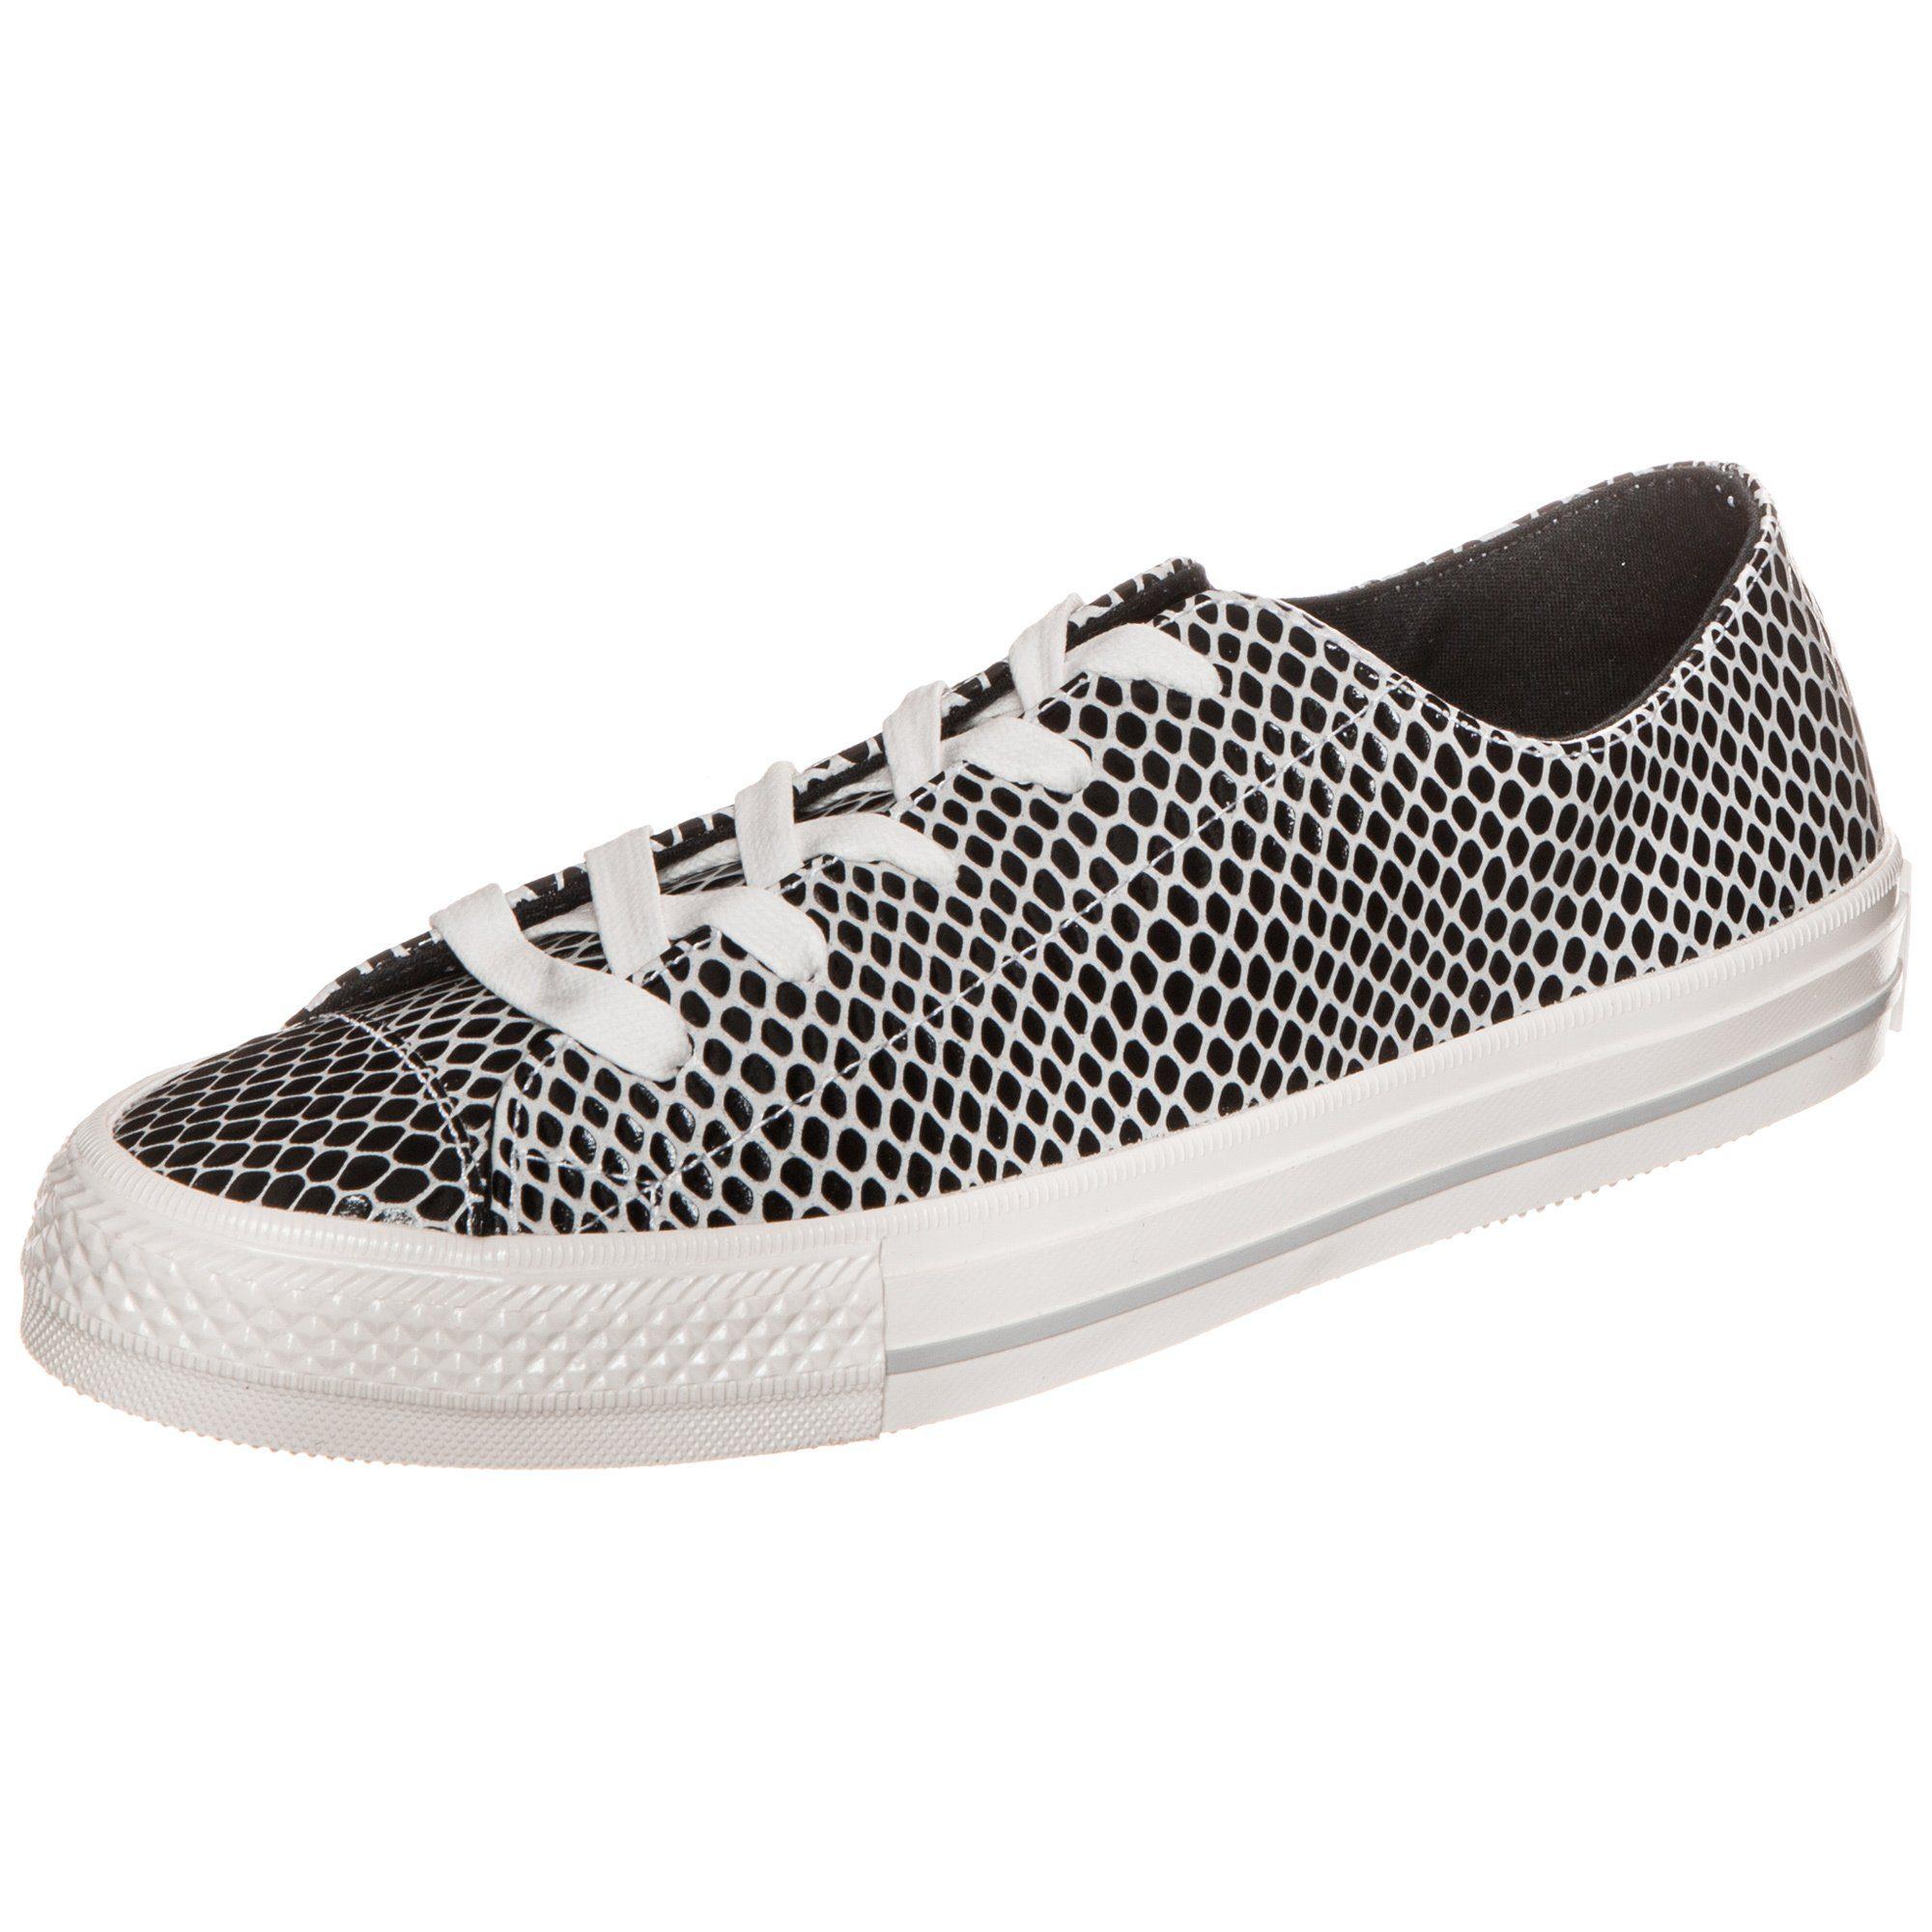 Converse Sneaker Chuck Taylor All Star Gemma